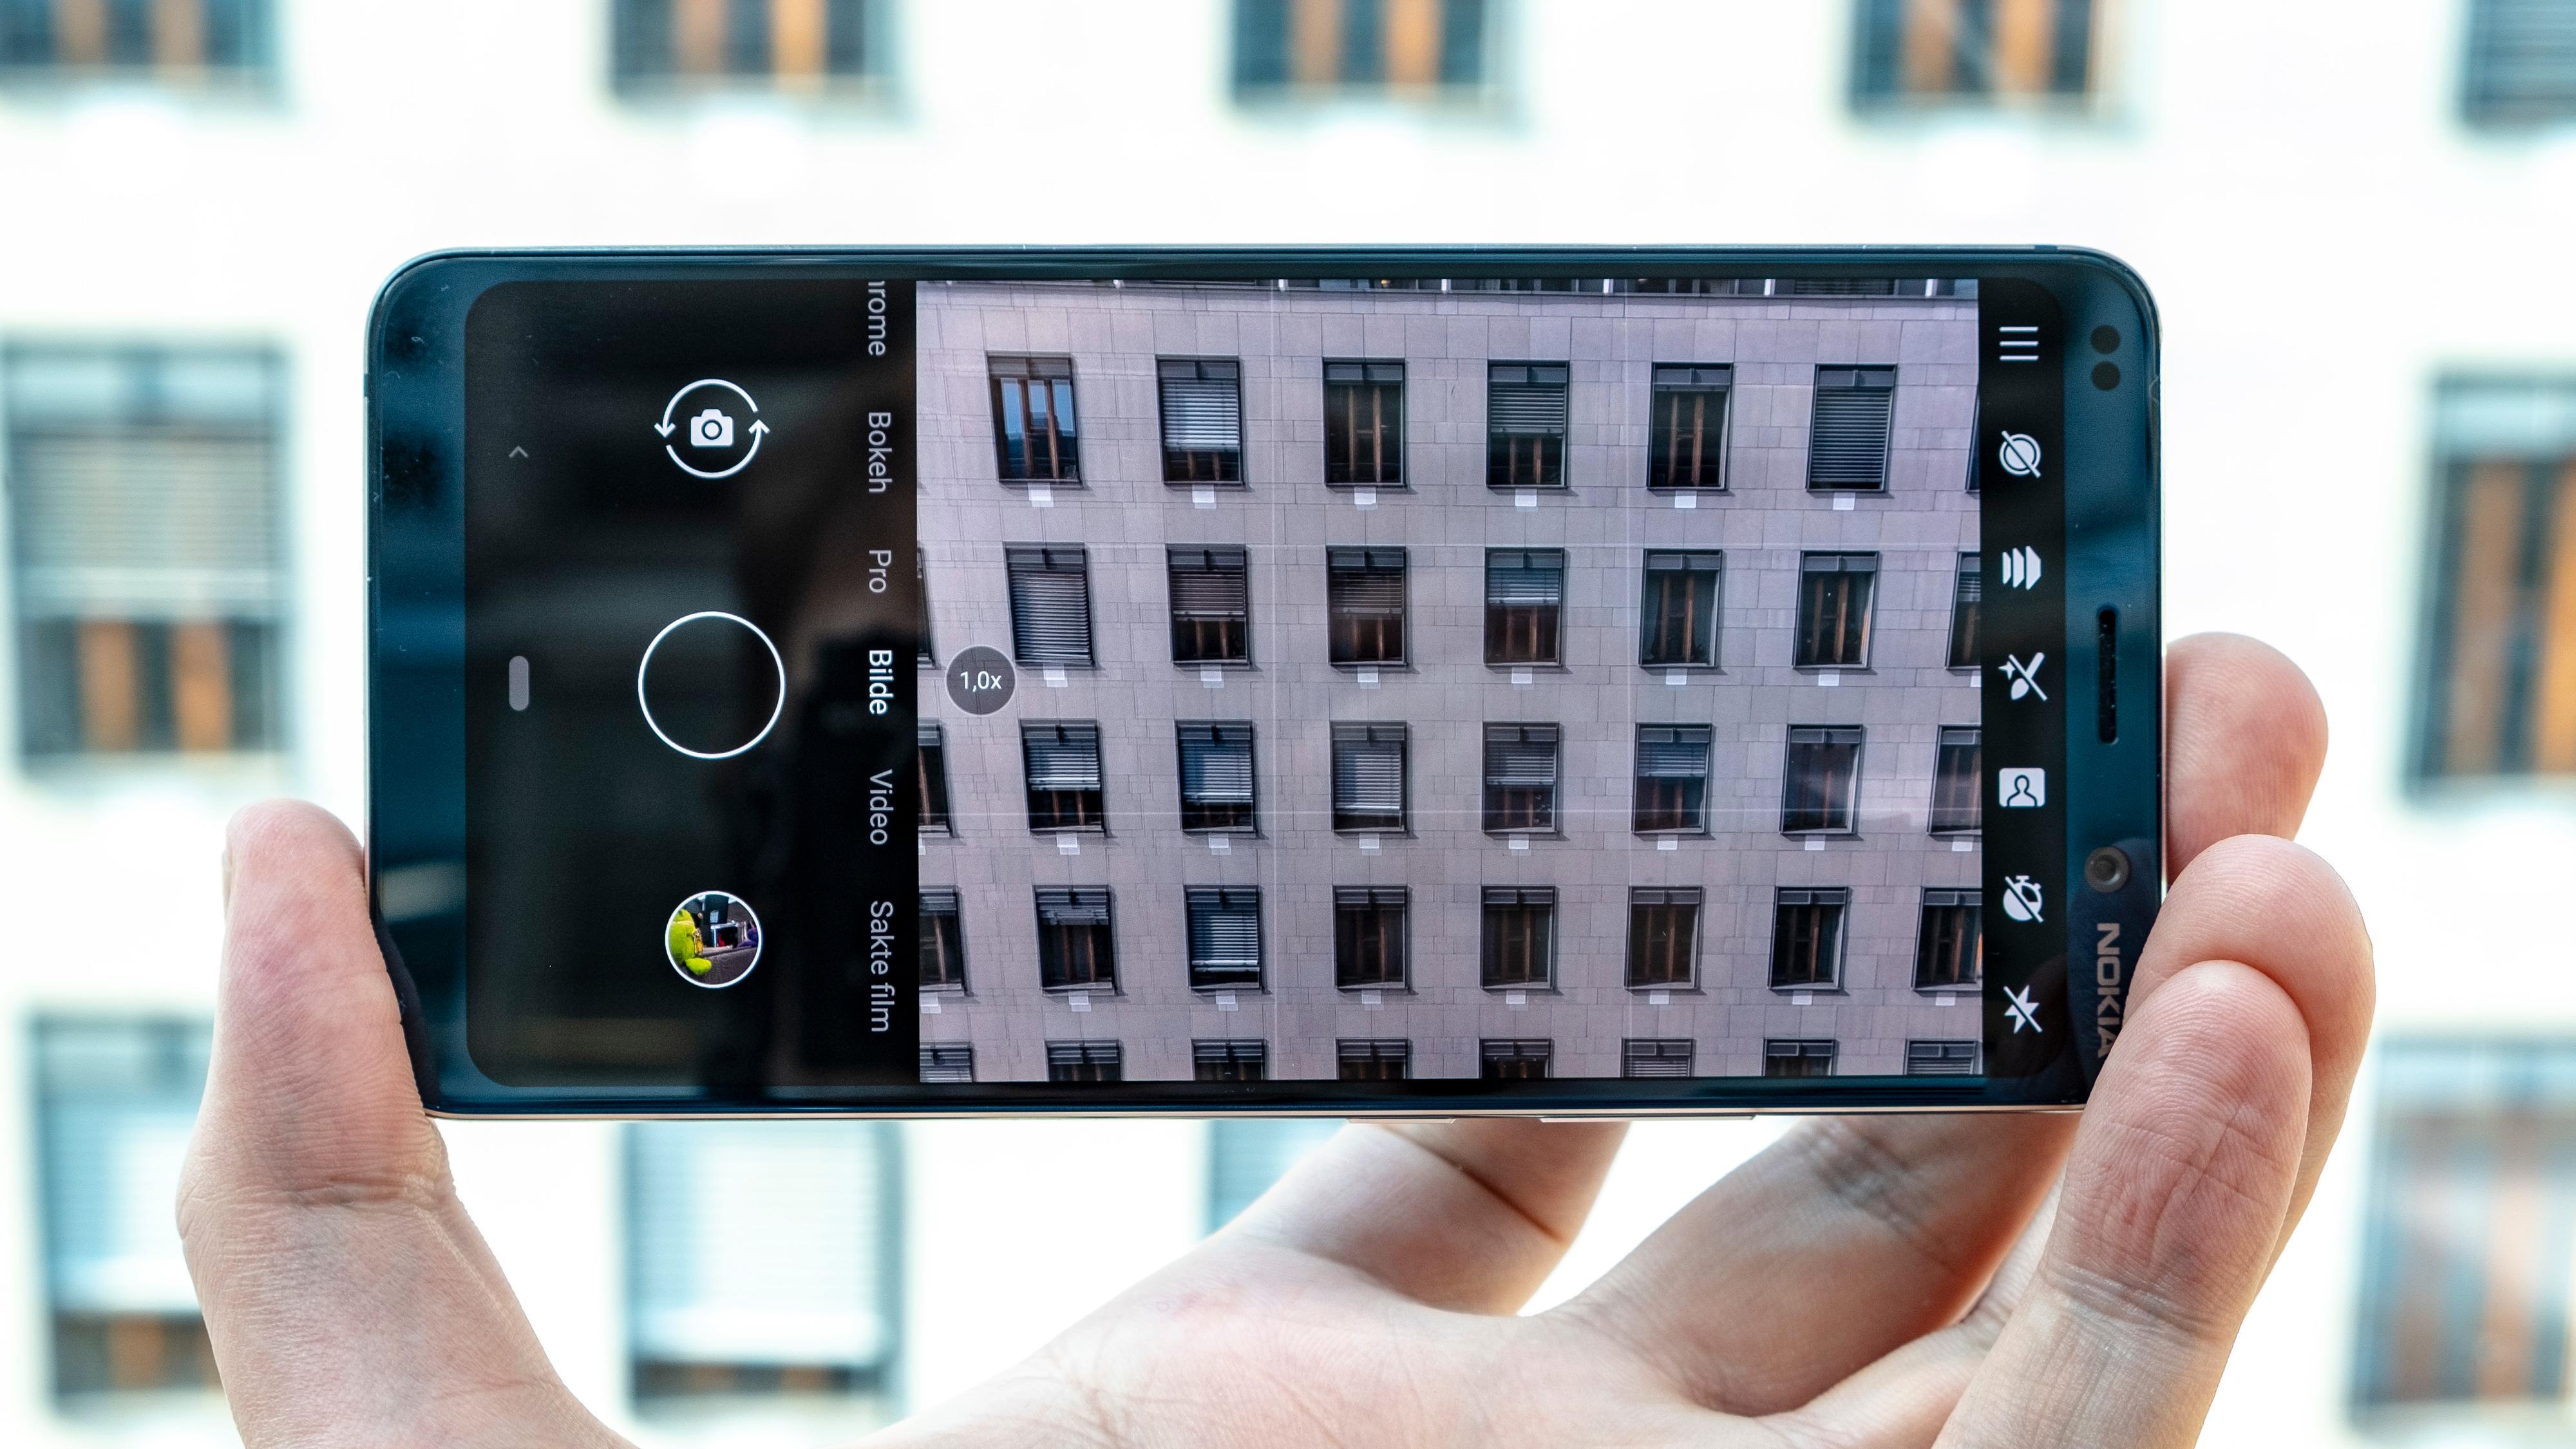 Kameraappen er enkel å bruke, men tidvis litt treg. Den bruker en stund etter at et bilde er knipset på å behandle dybdekartet som lagres sammen med bildet.